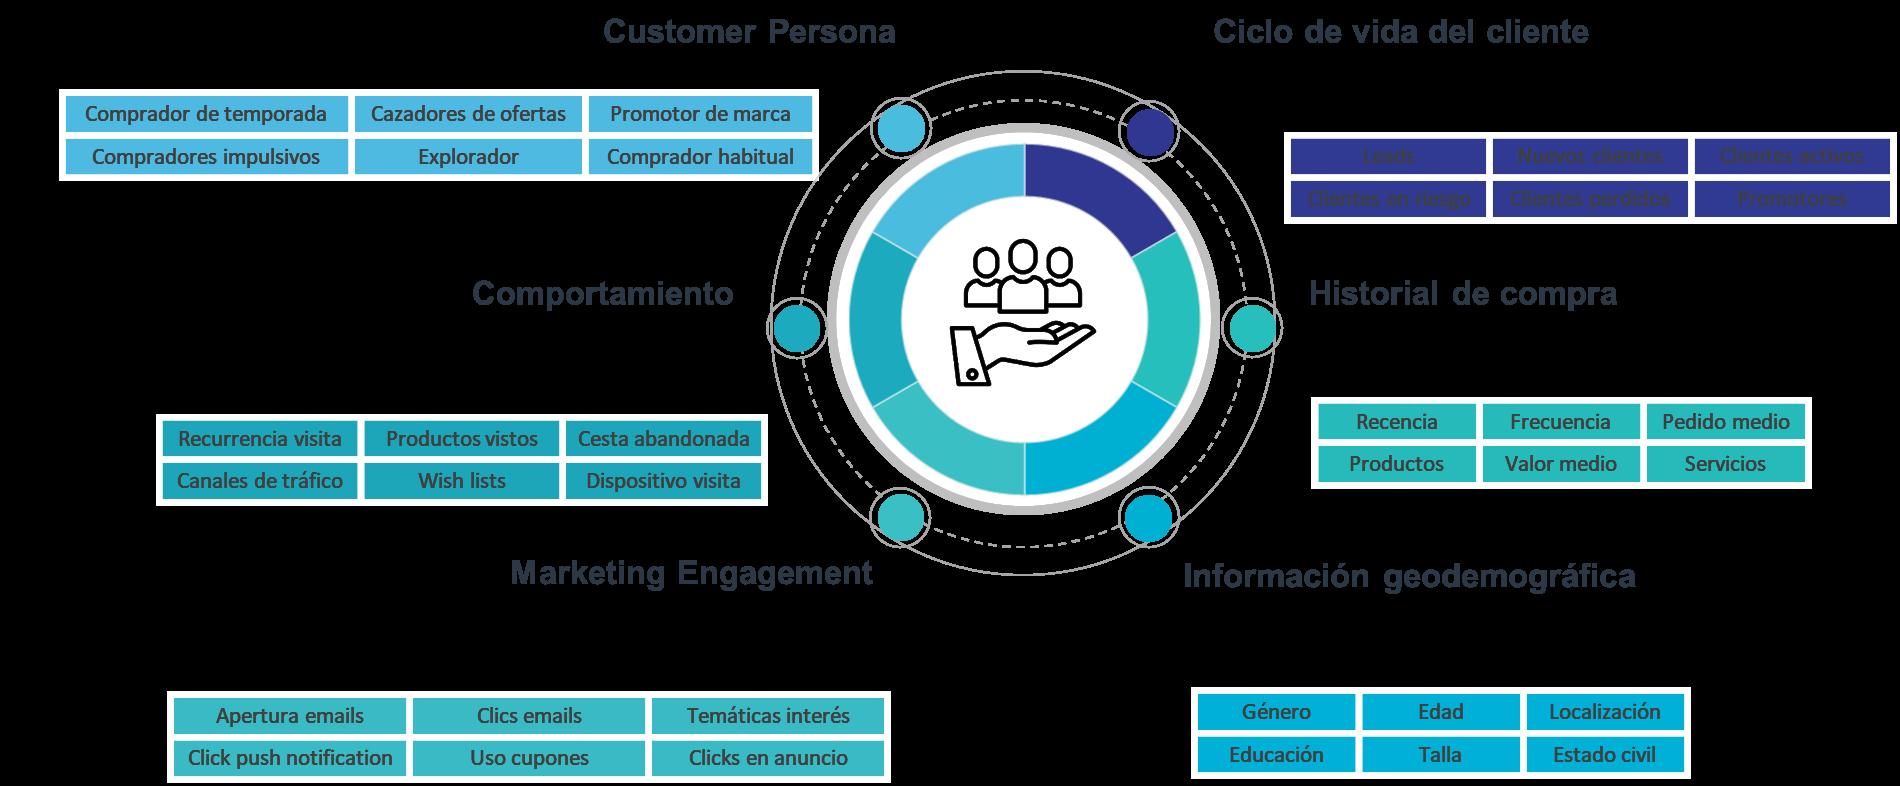 Criterios Segmentación clientes